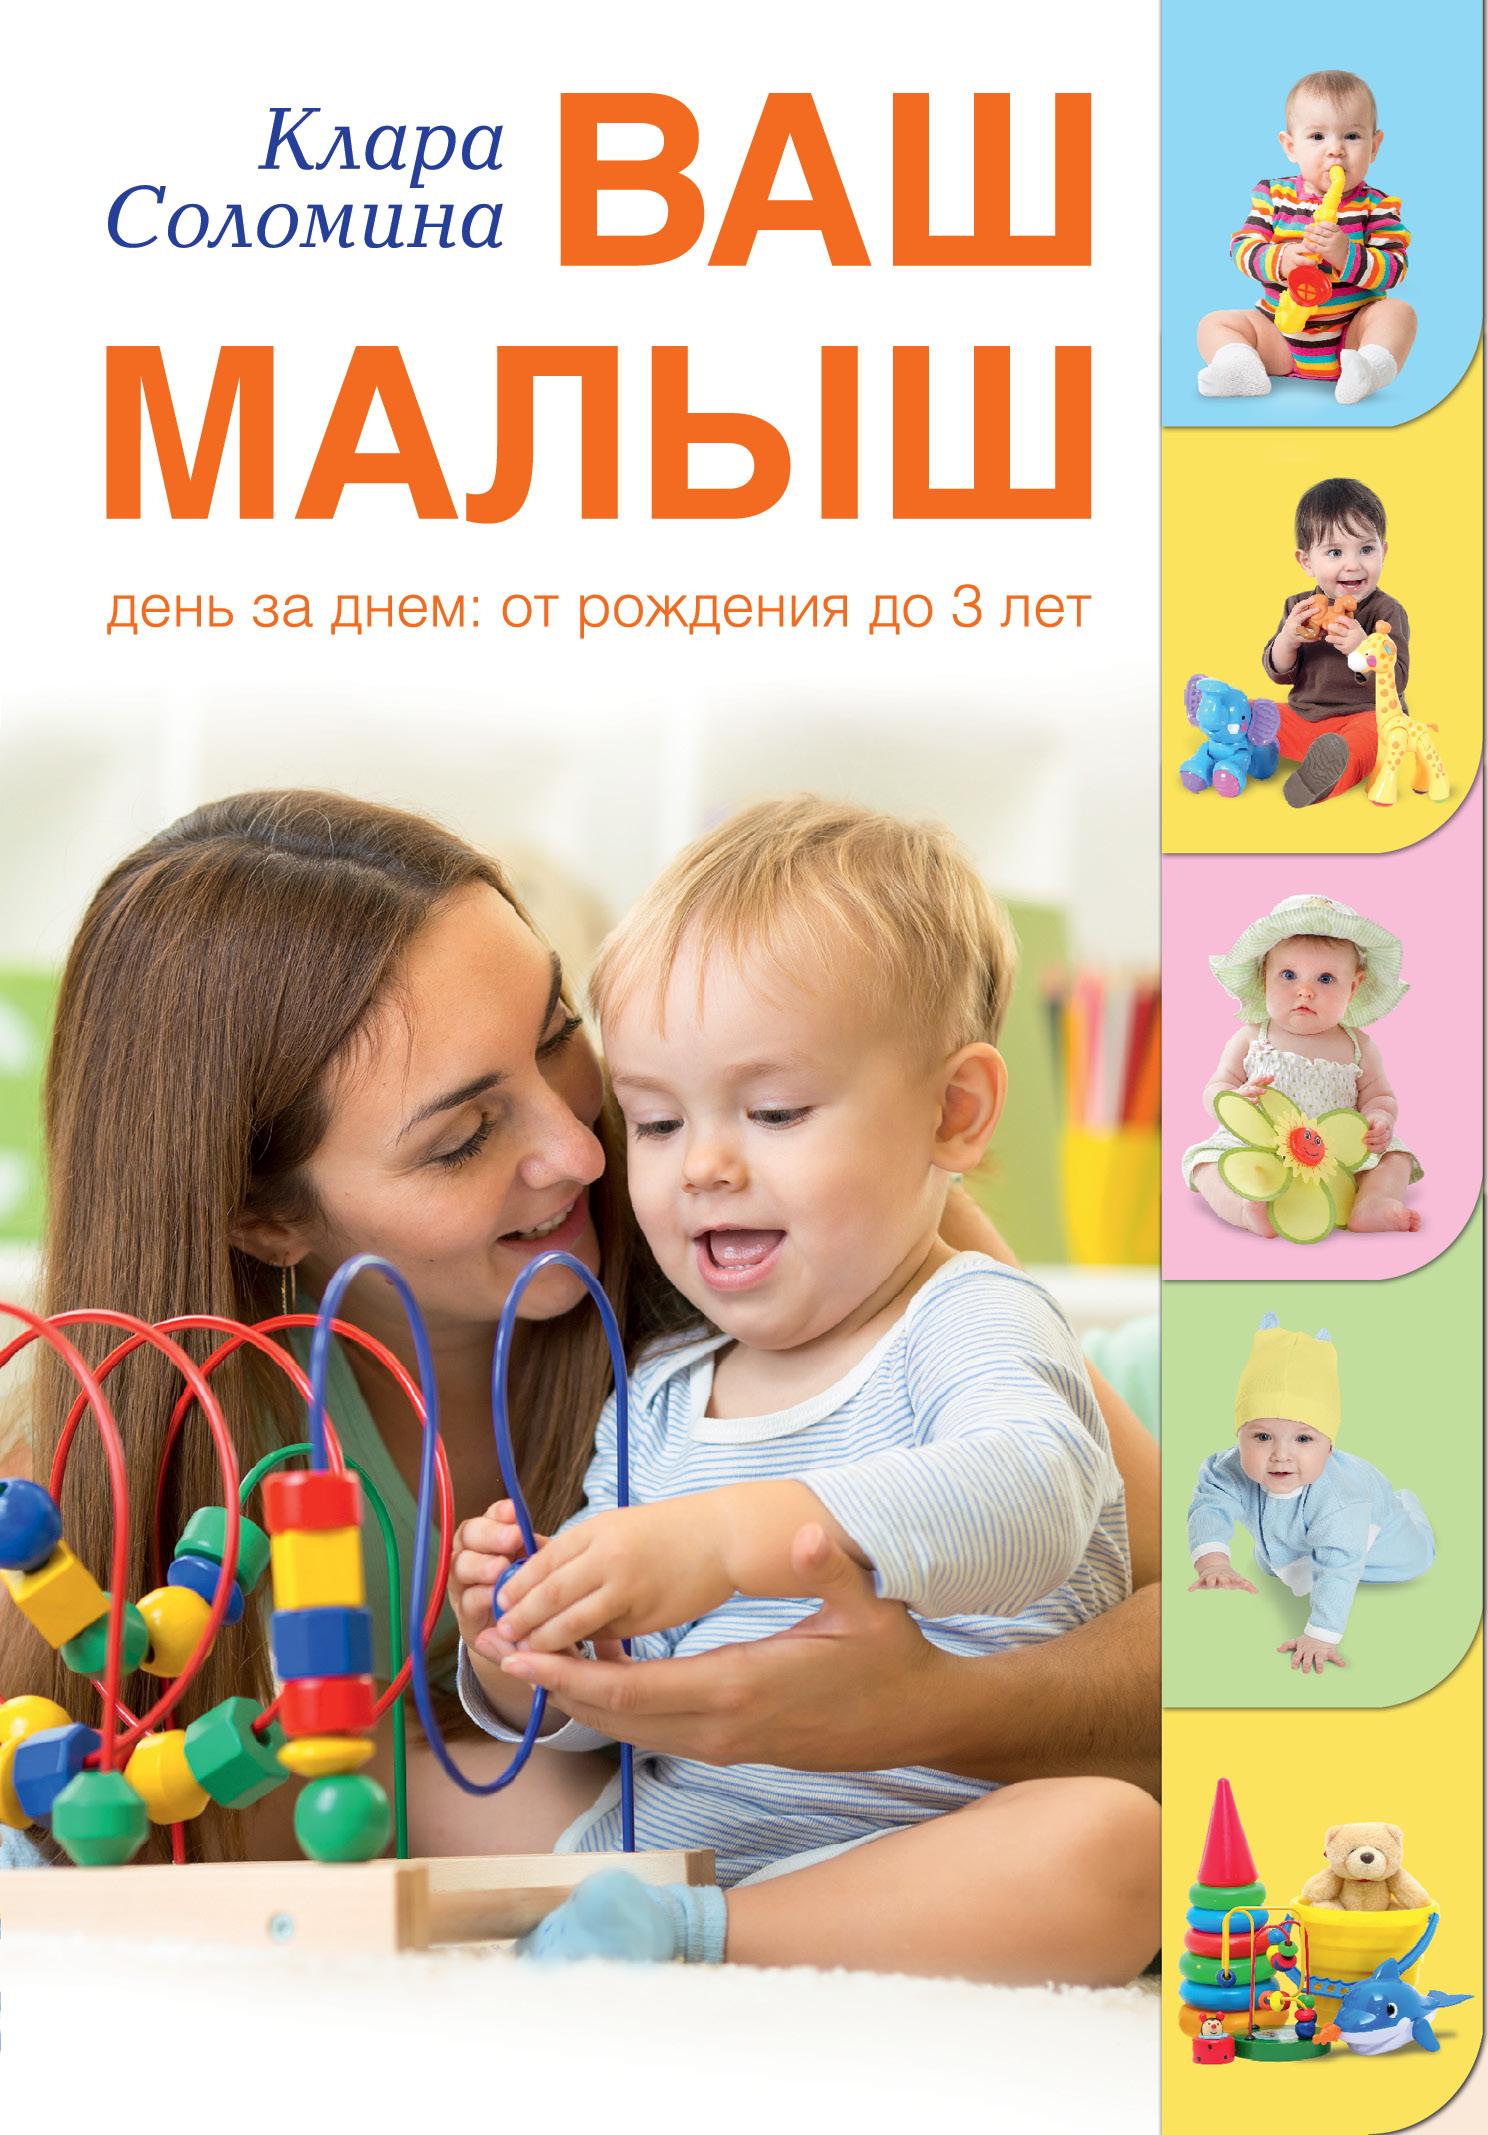 К. Соломина Ваш малыш день за днем: от рождения до трех лет издательство аст ваш малыш день за днем от рождения до трех лет